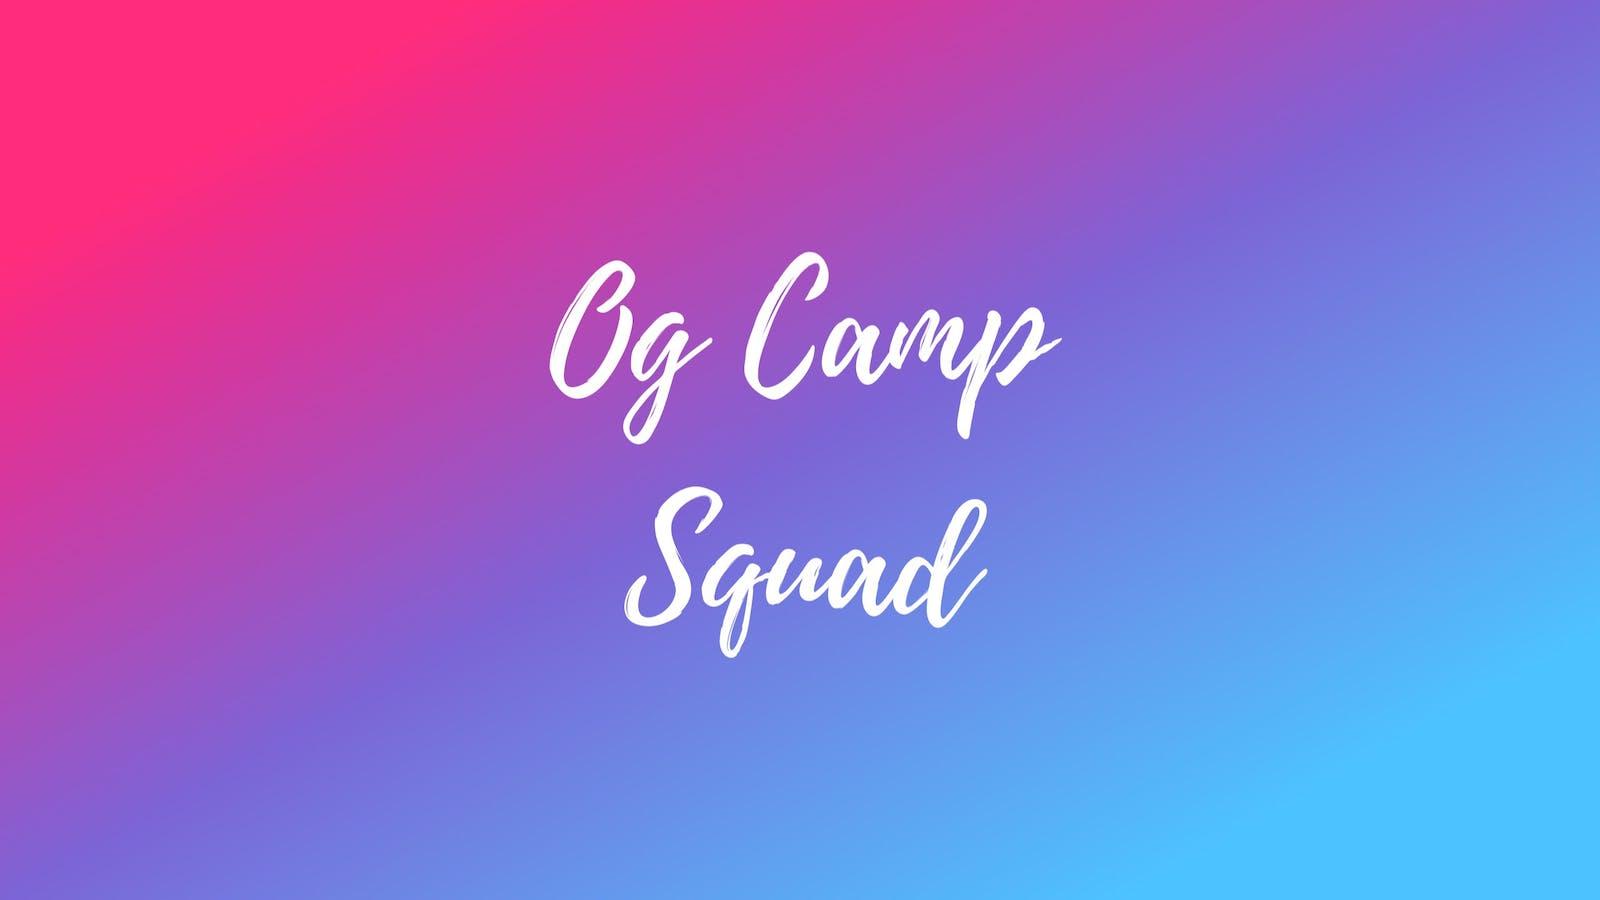 Og Camp Squad | Hobnob